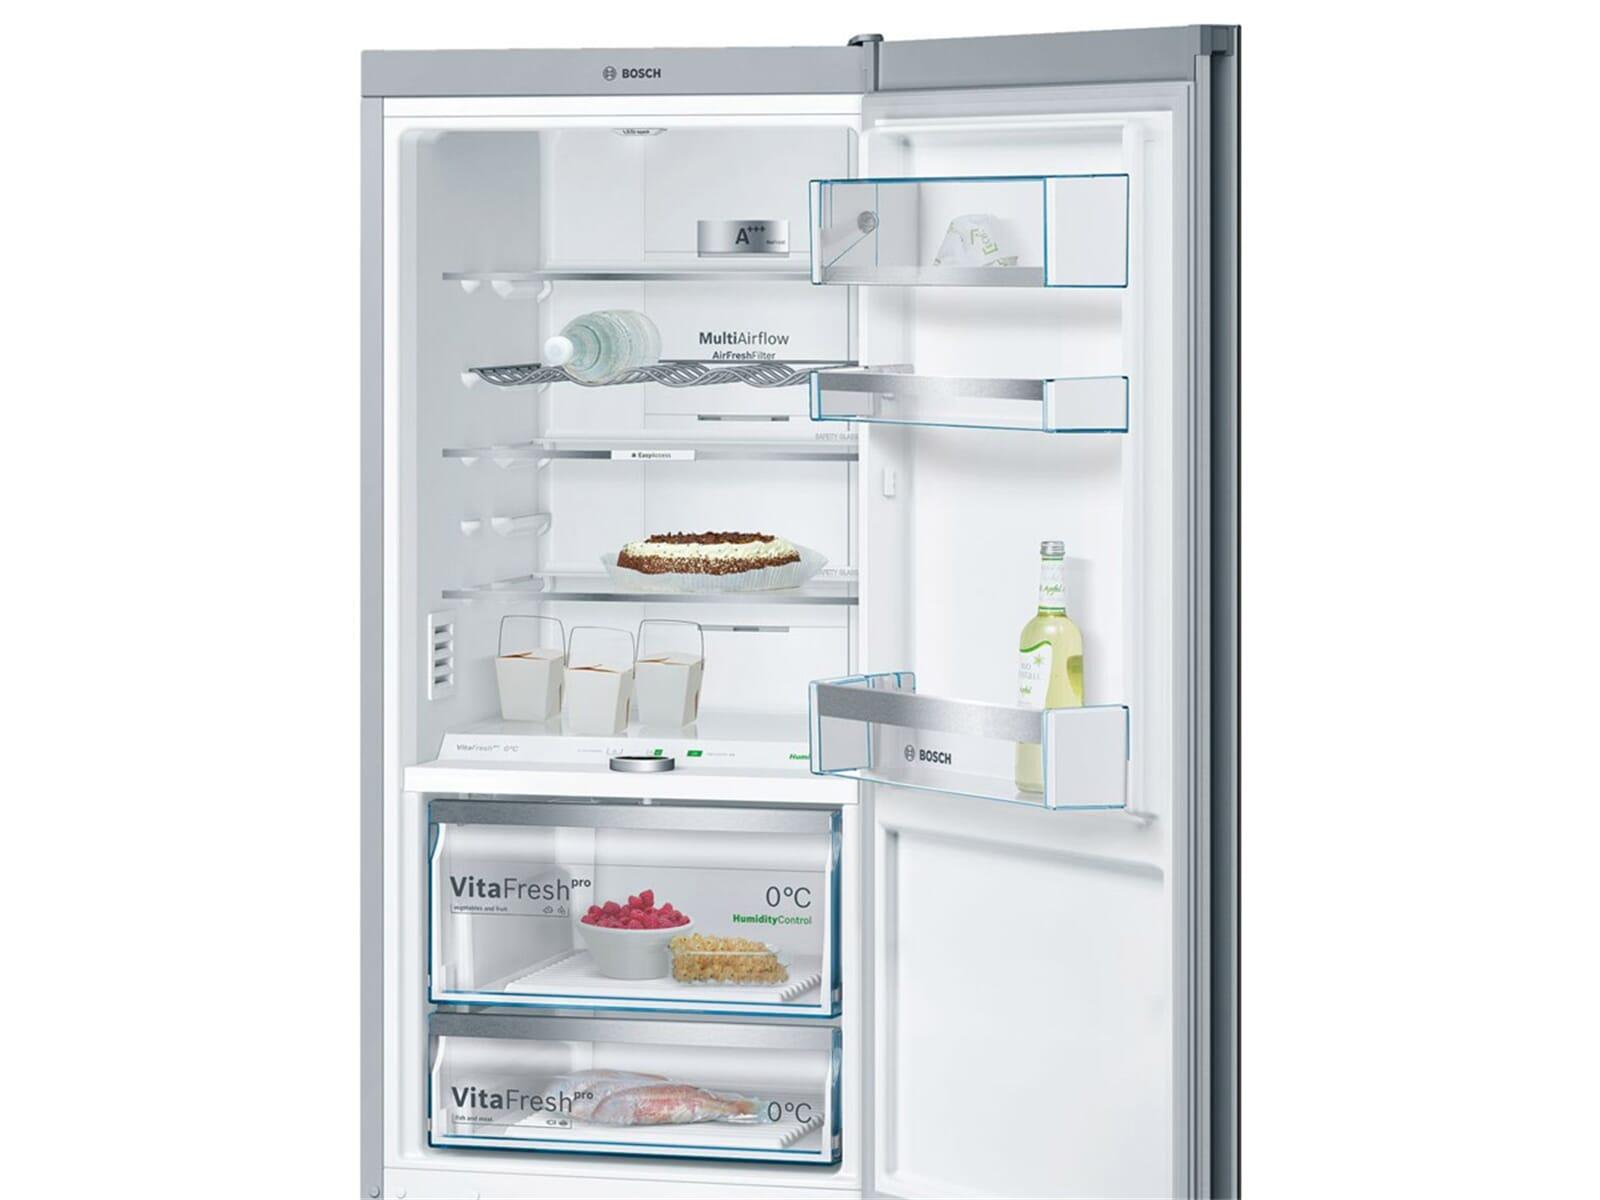 Bosch Kühlschrank Schwarz Glas : Bosch kgf sb kühl gefrierkombination schwarz